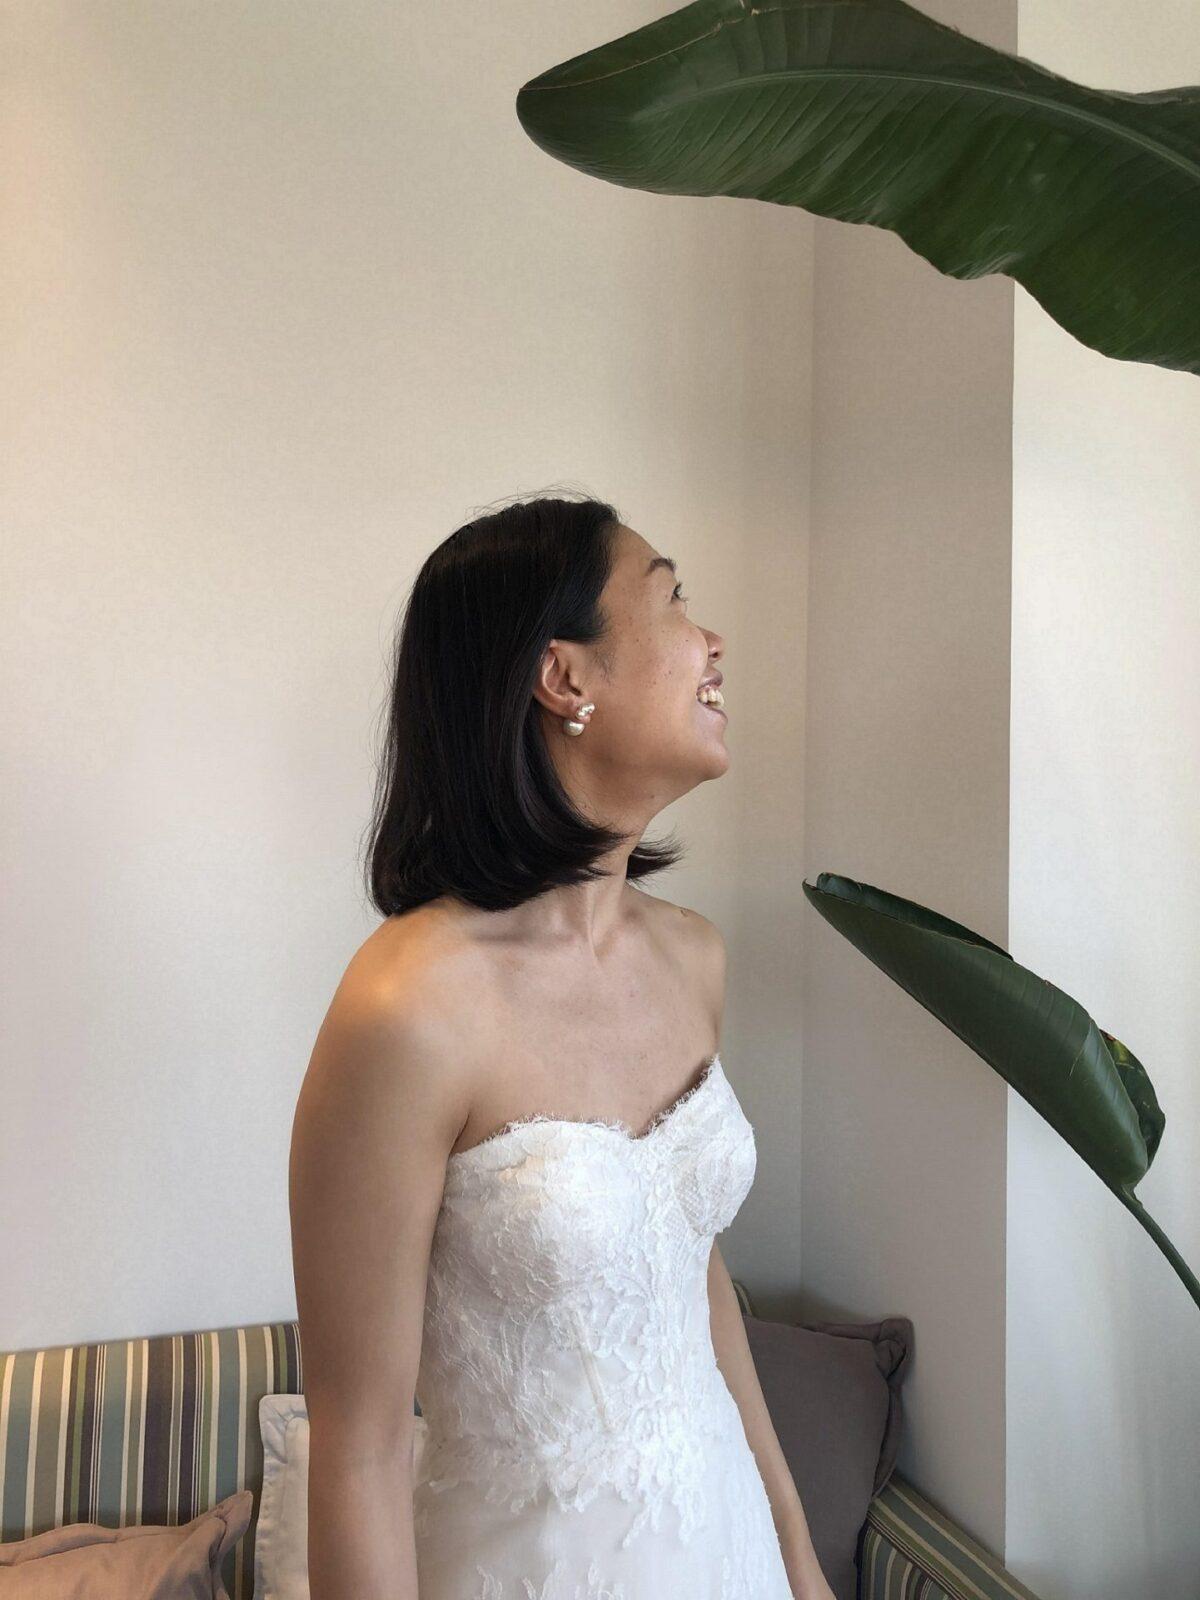 女性心をくすぐる美しいお花のレースが贅沢に全体にあしらわれた純白のレンタルウェディングドレスをまといアシンメトリーなパールのアクセサリーを合わせたお洒落なコーディネート。